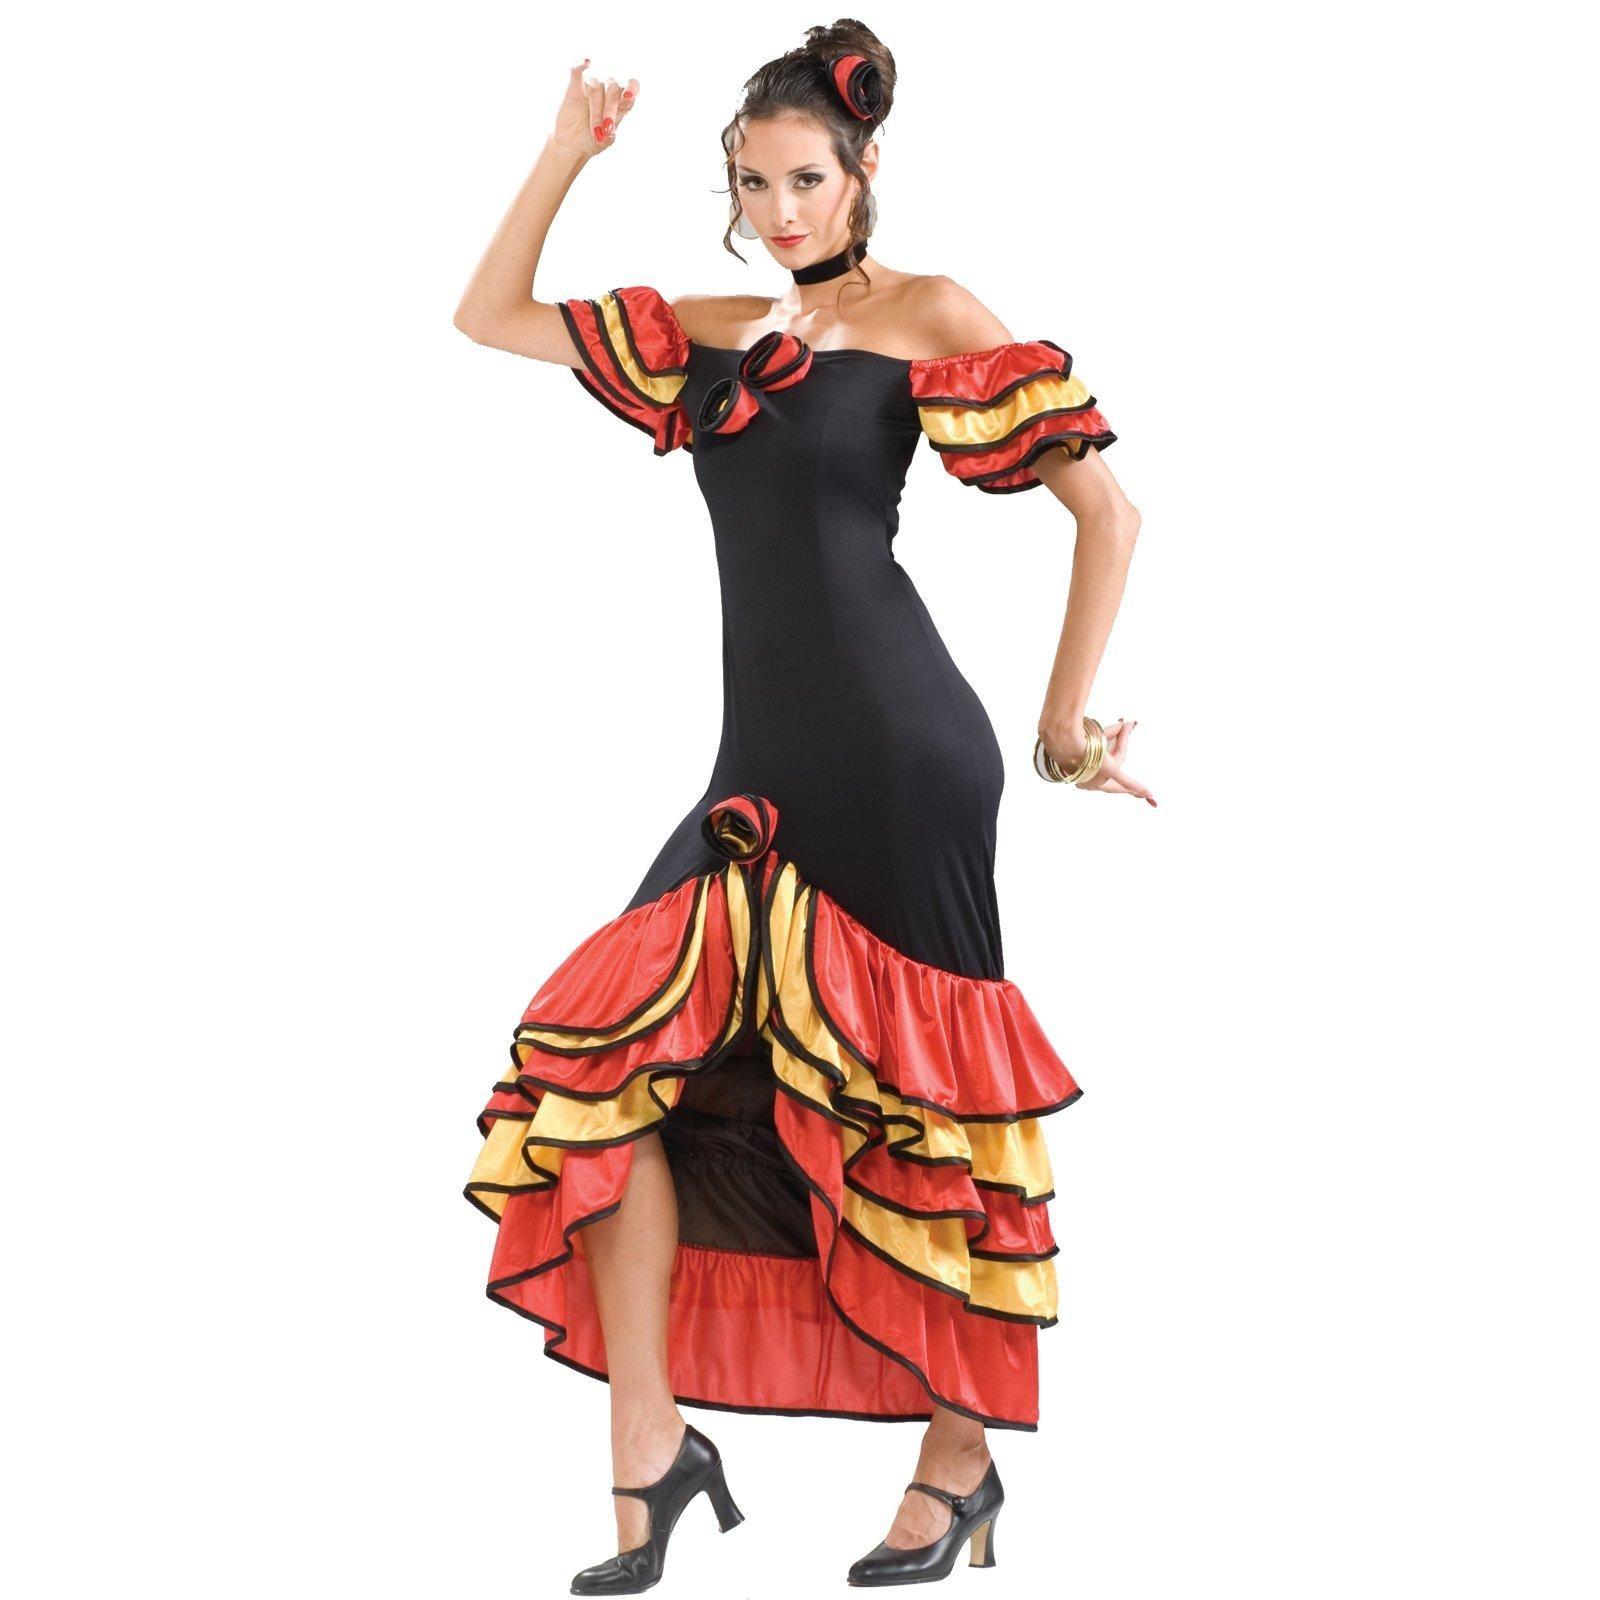 c828bc0a6ab0 Details about Ladies Flamenco Dress Costume Womans Spanish Dancer Fancy  Dress UK